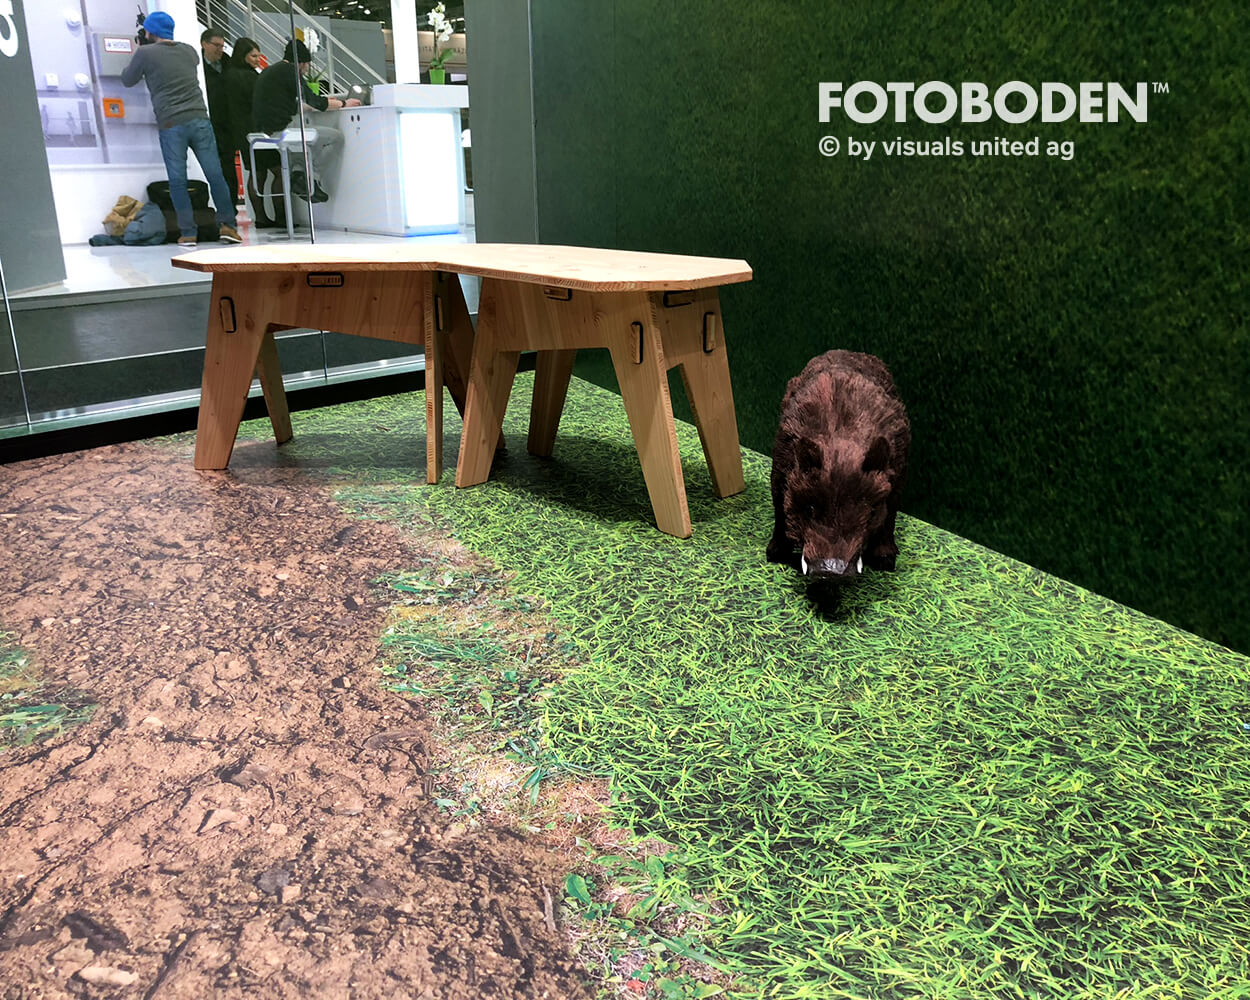 Fotoboden Siegenia Fotoboden Messeboden Tradeshow Flooring Bodengestaltung Messe Bodendesign Messedesign Design Boden Messegestaltung 3